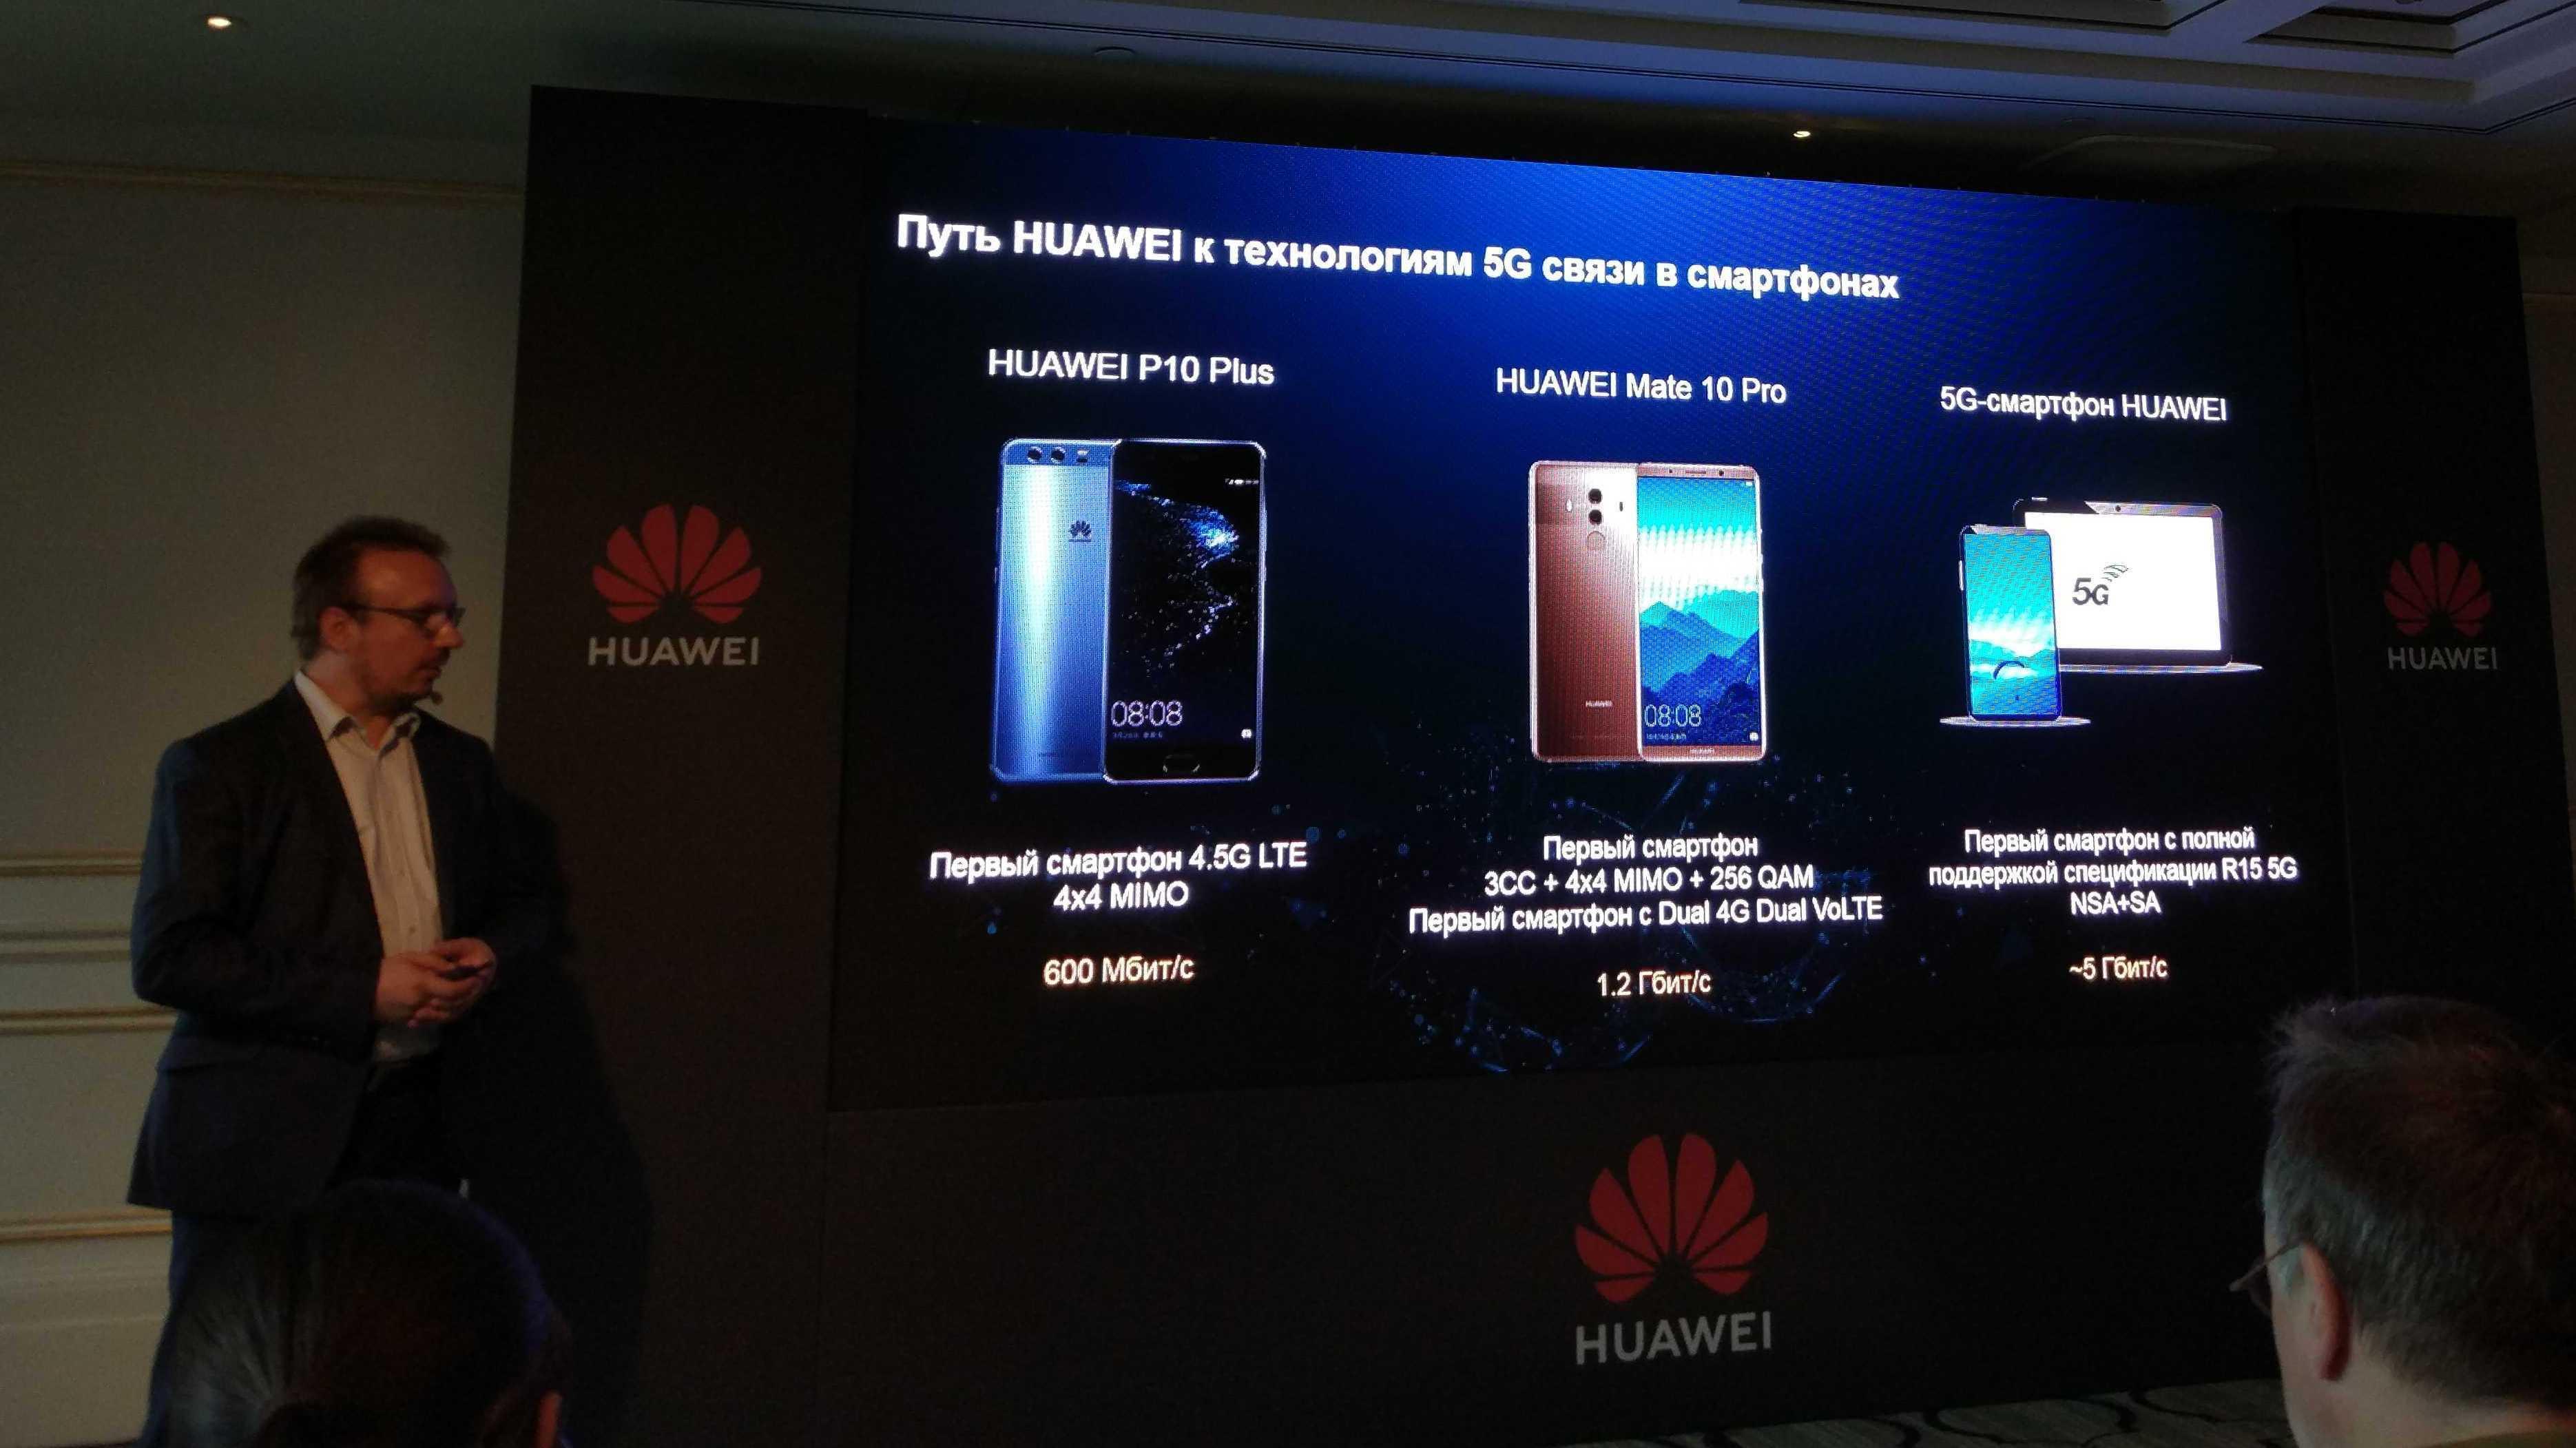 Huawei строит собственное производство процессоров без американского оборудования и материалов - cnews